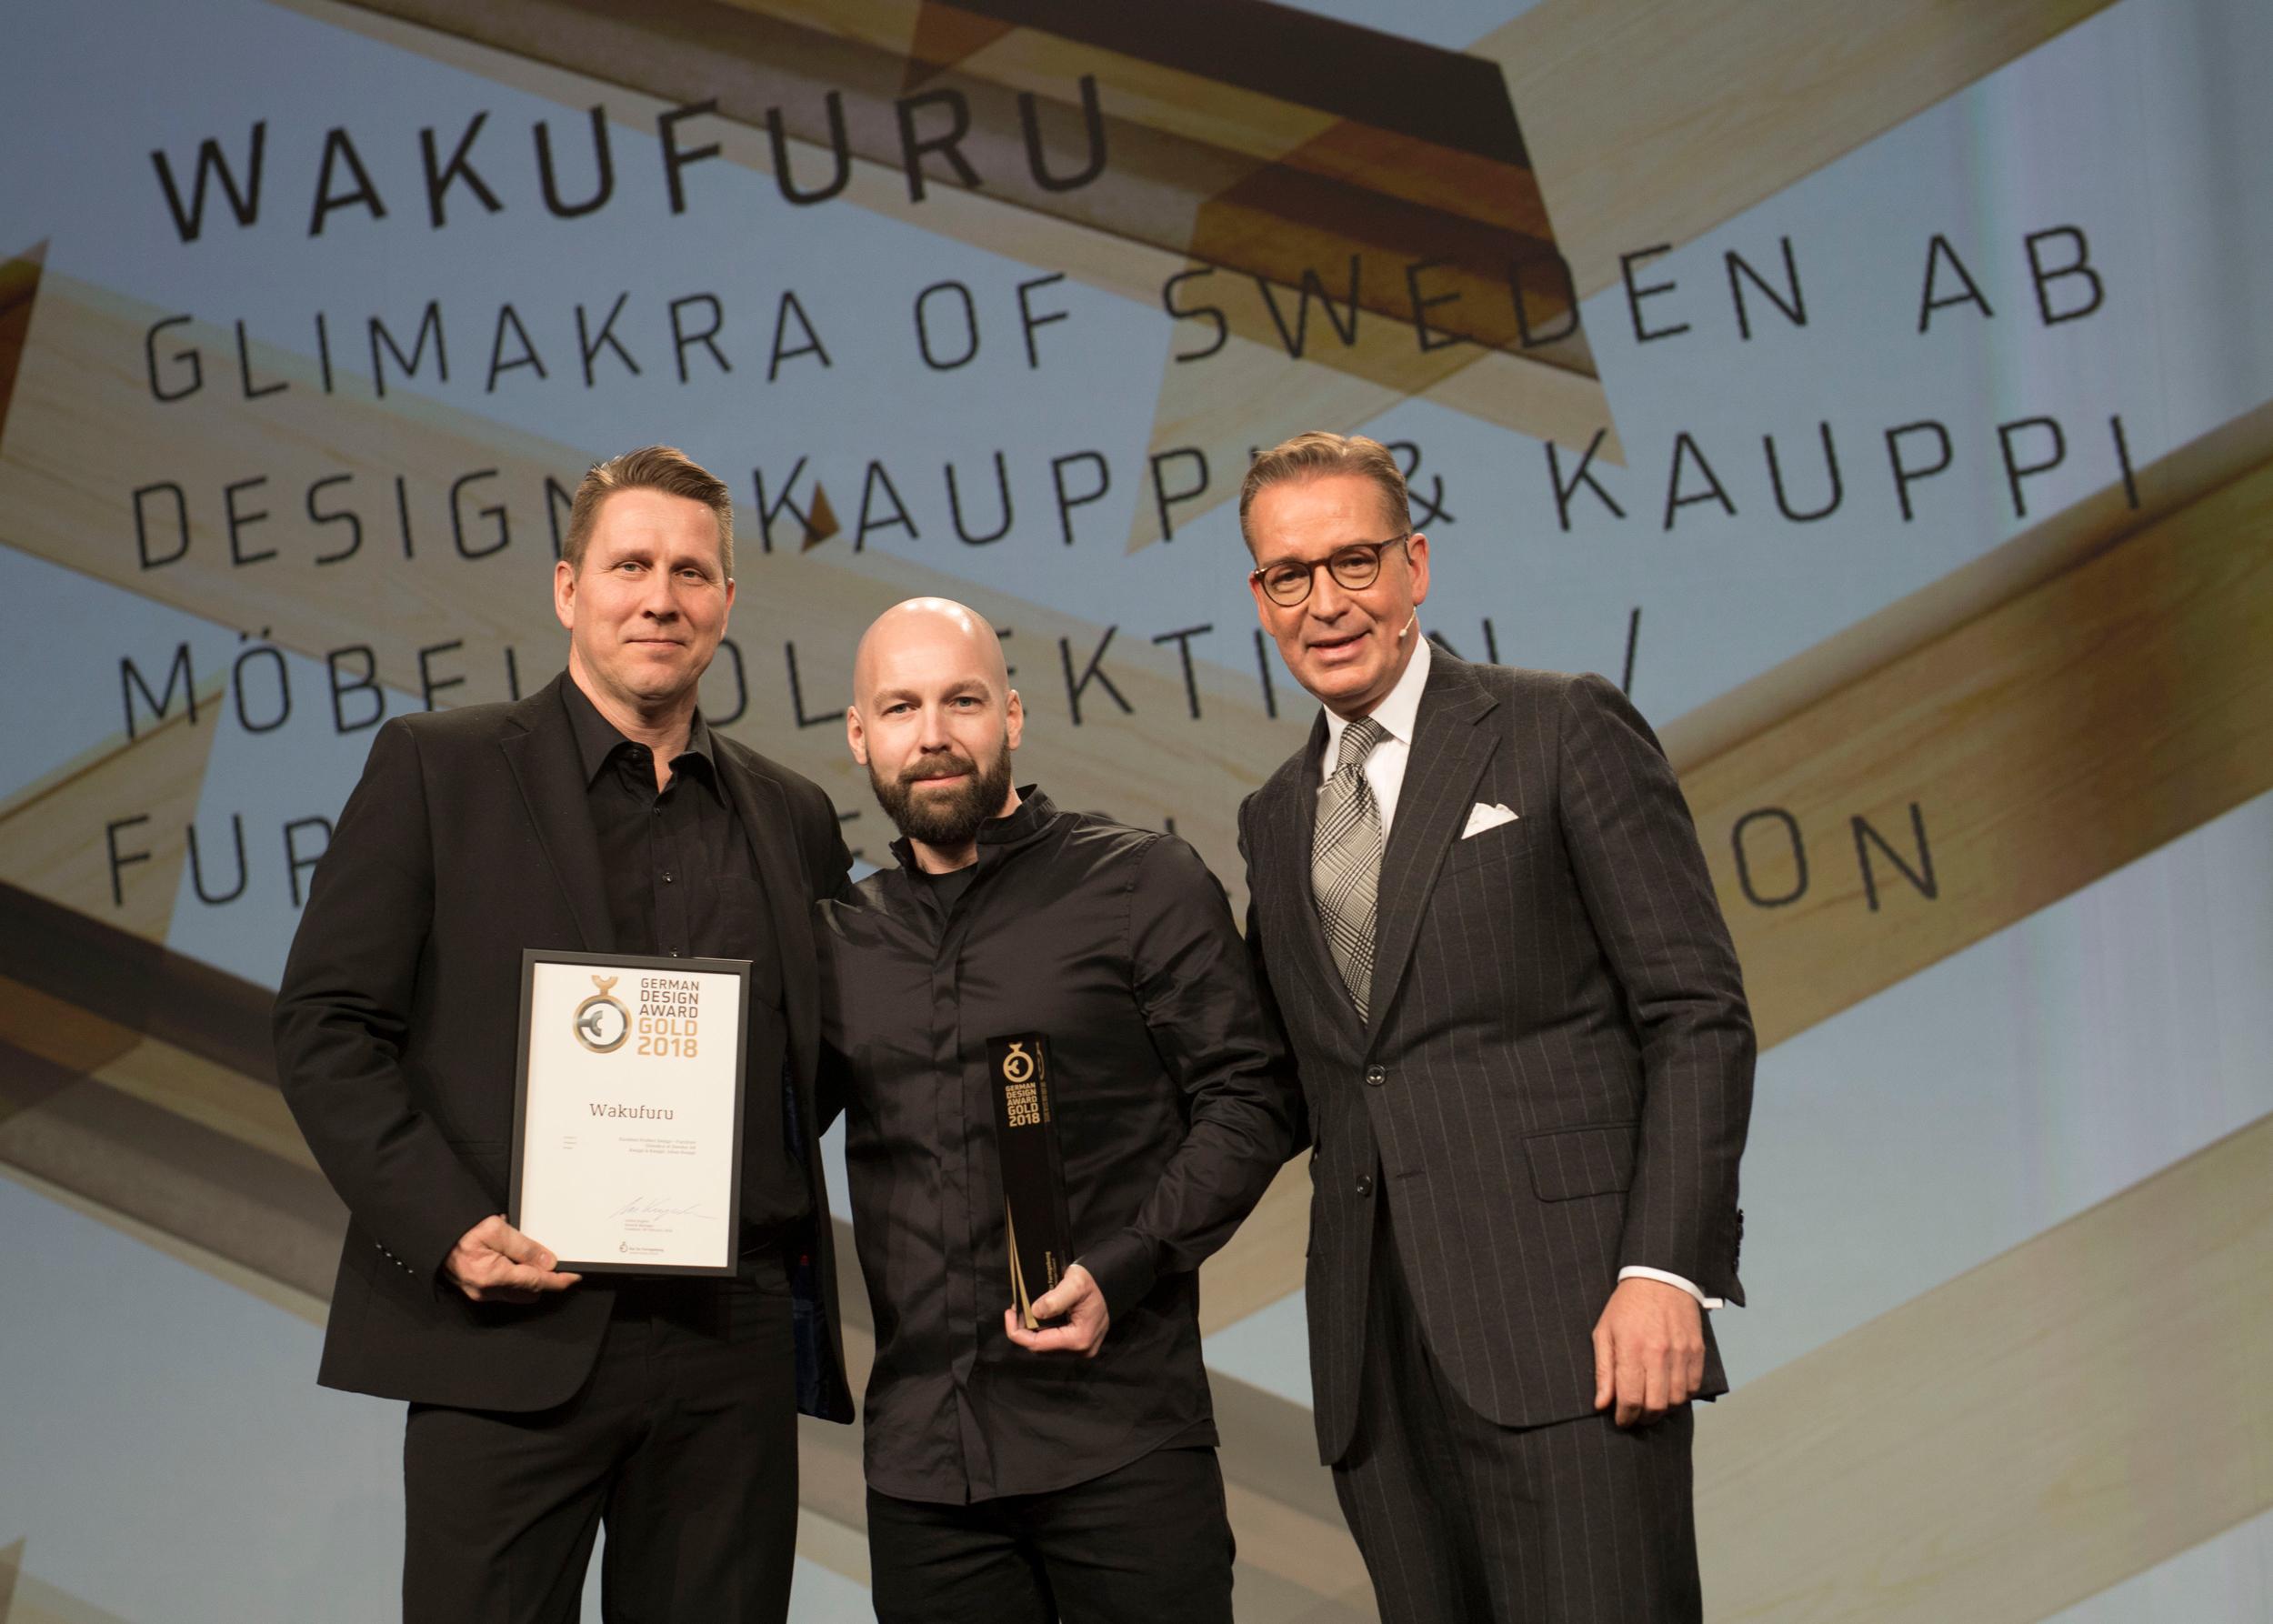 Image sources: German Design Council. Photo: Manuel Debus